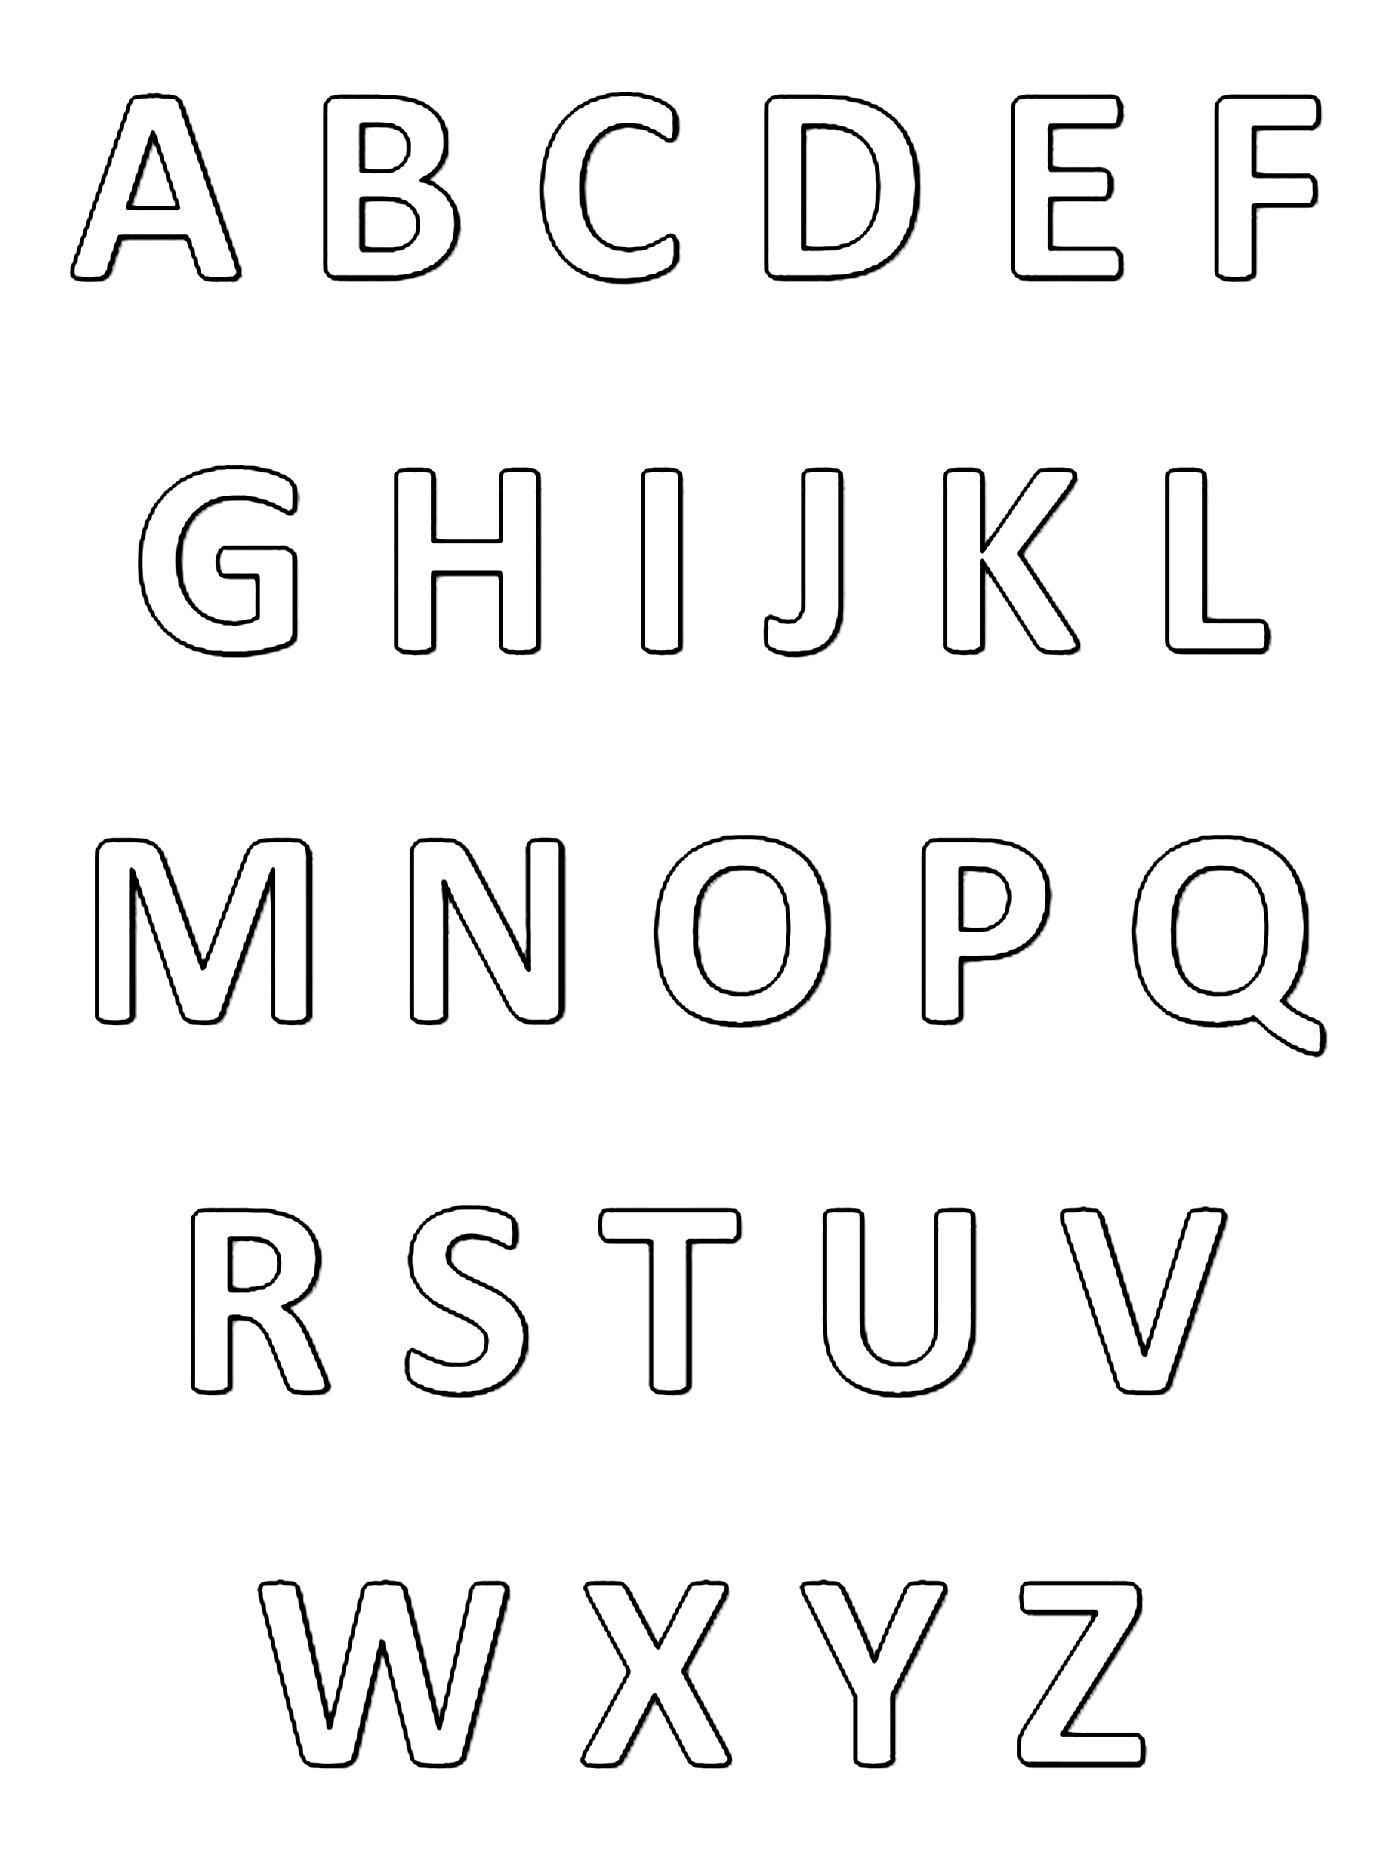 Alphabet Gratuit - Coloriages Alphabet Et Lettres dedans Apprendre Les Lettres De L Alphabet